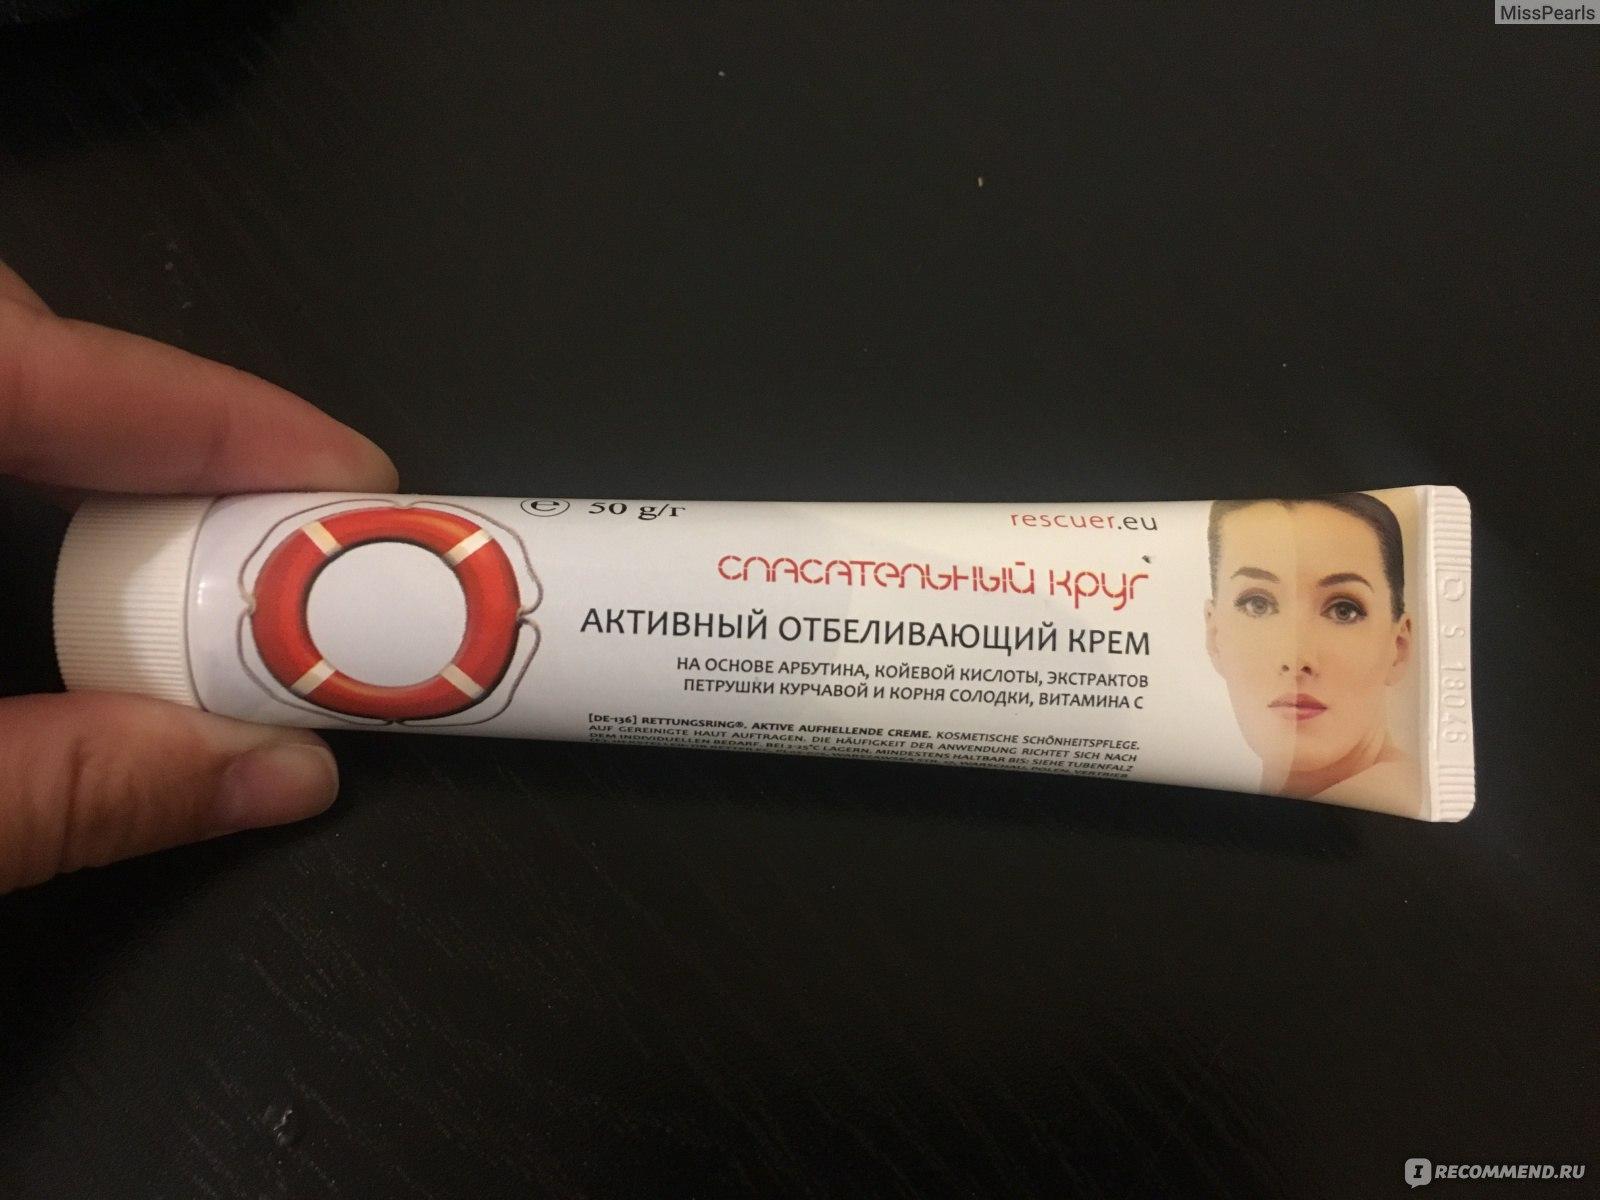 Крем от пигментации — лучшие и эффективные отбеливающие косметические препараты